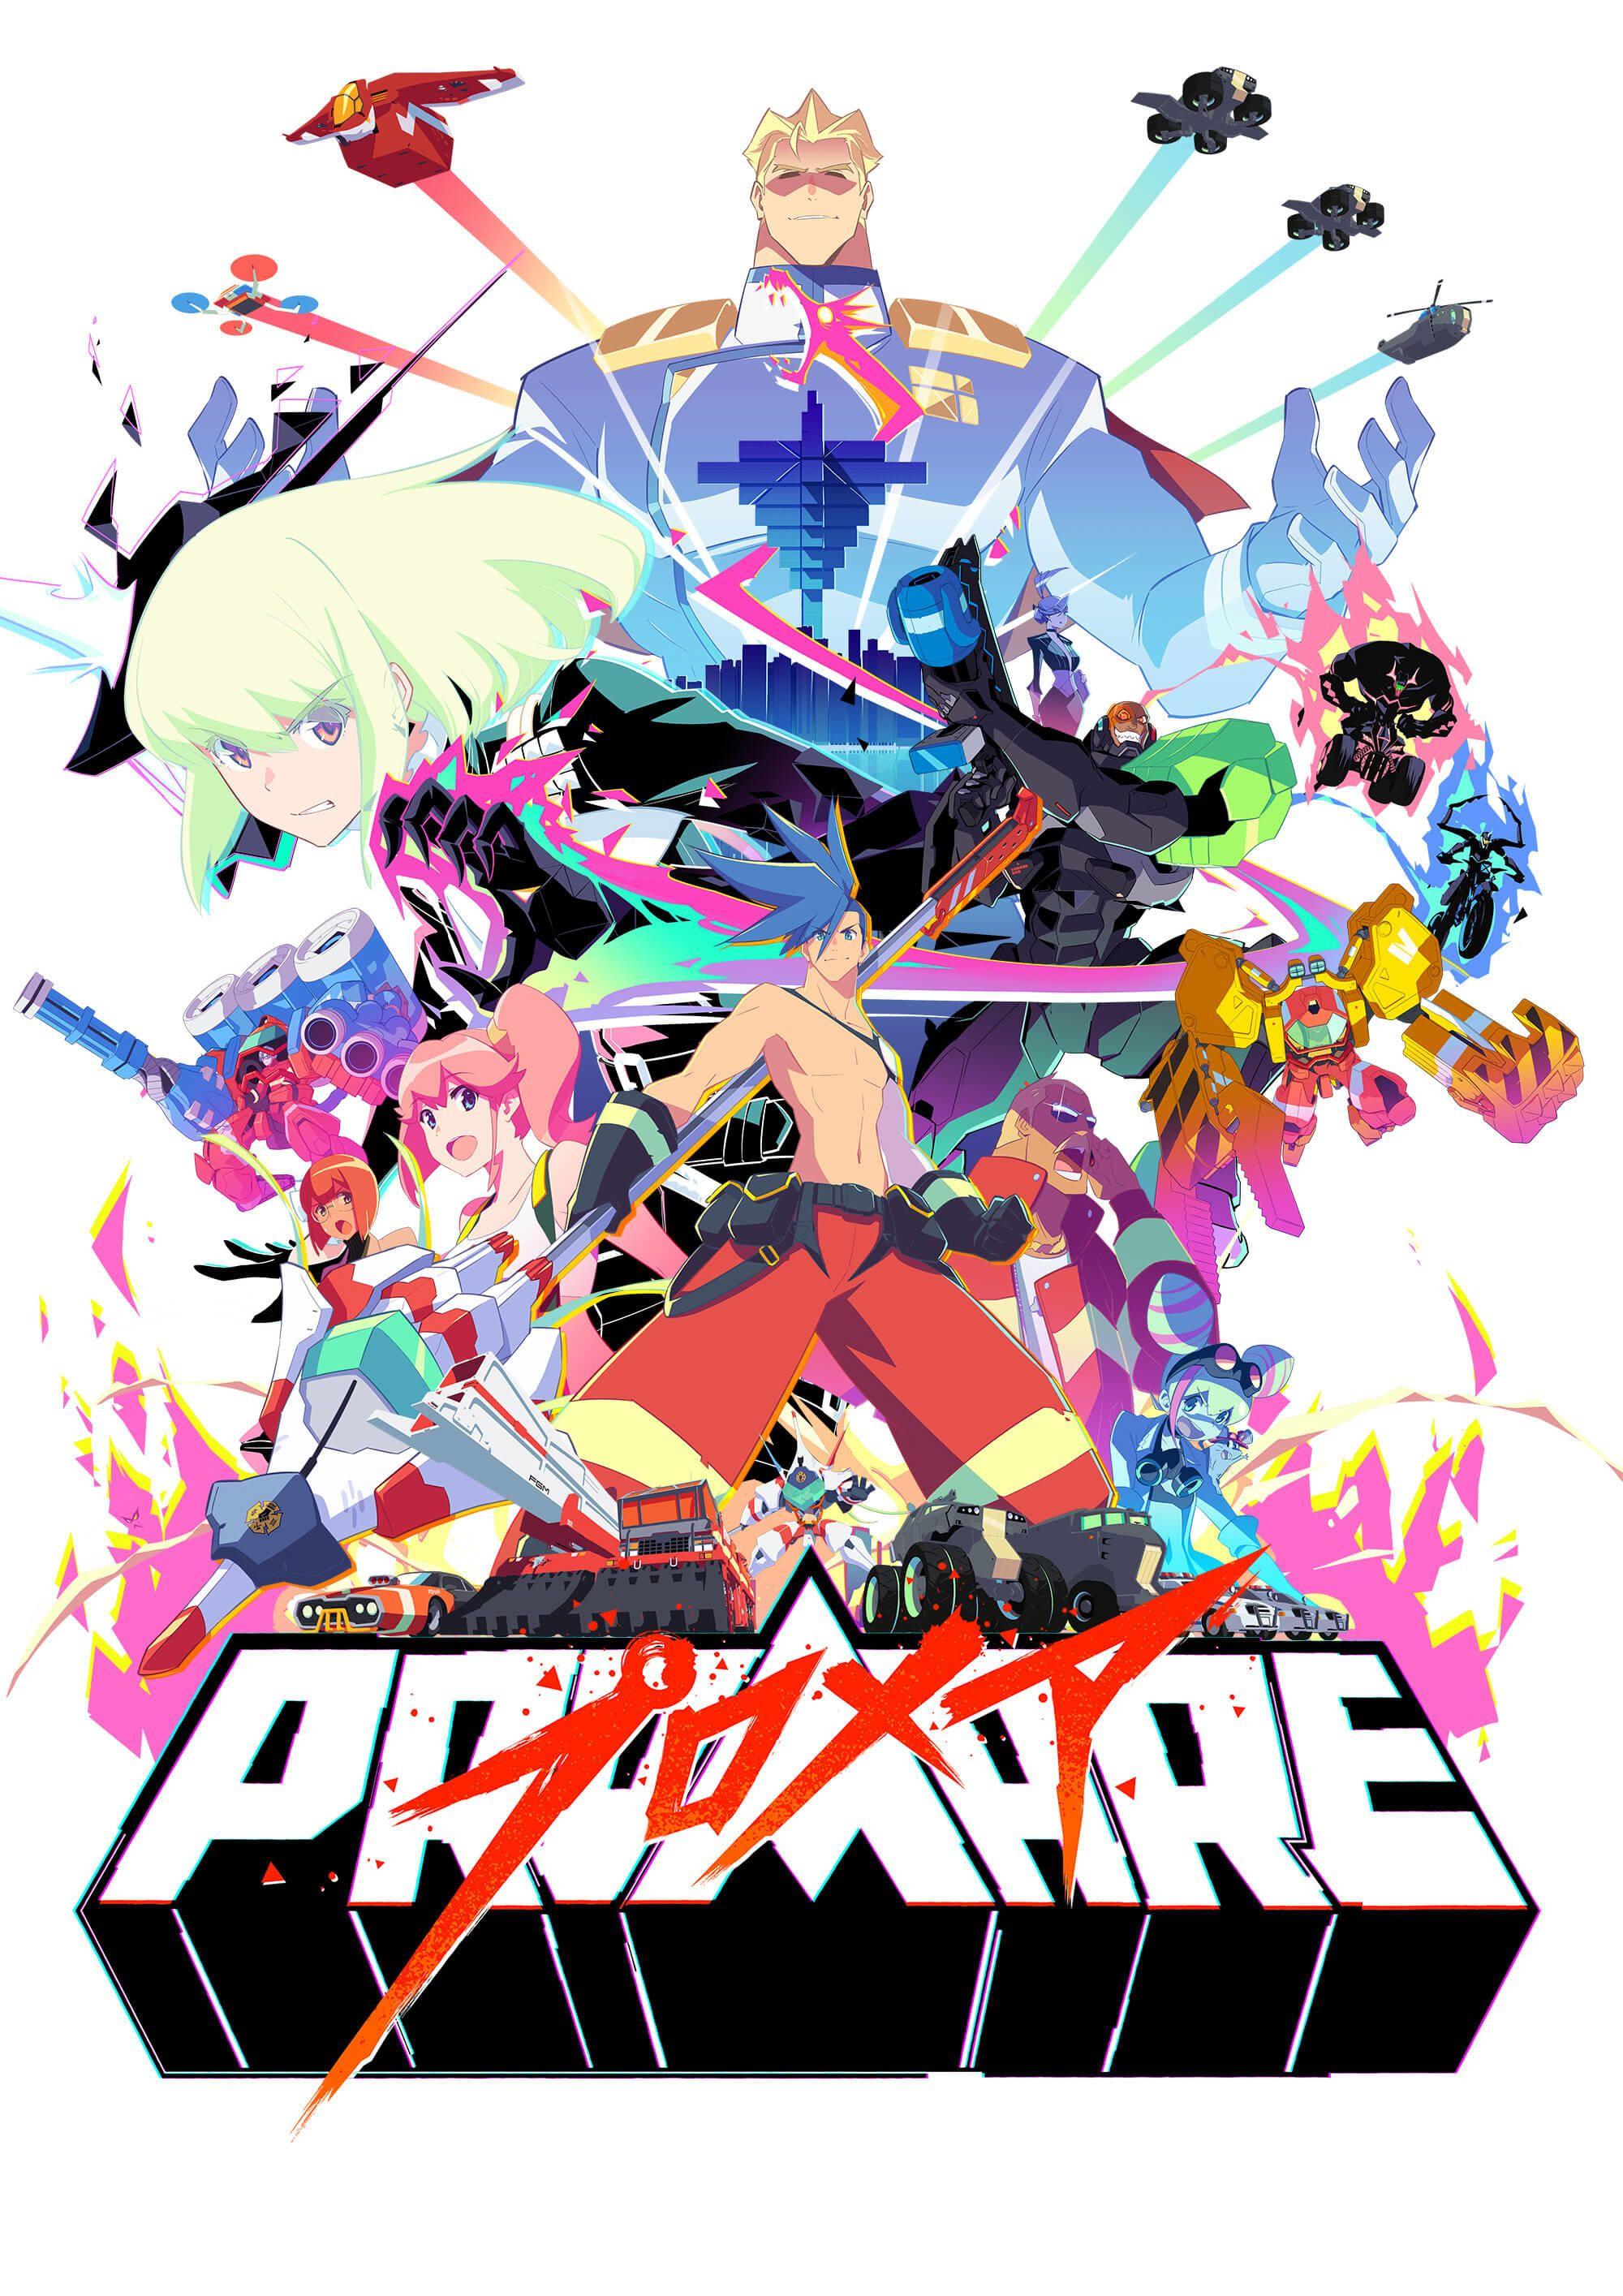 Promare Key Visual Anime films, Anime, Anime expo